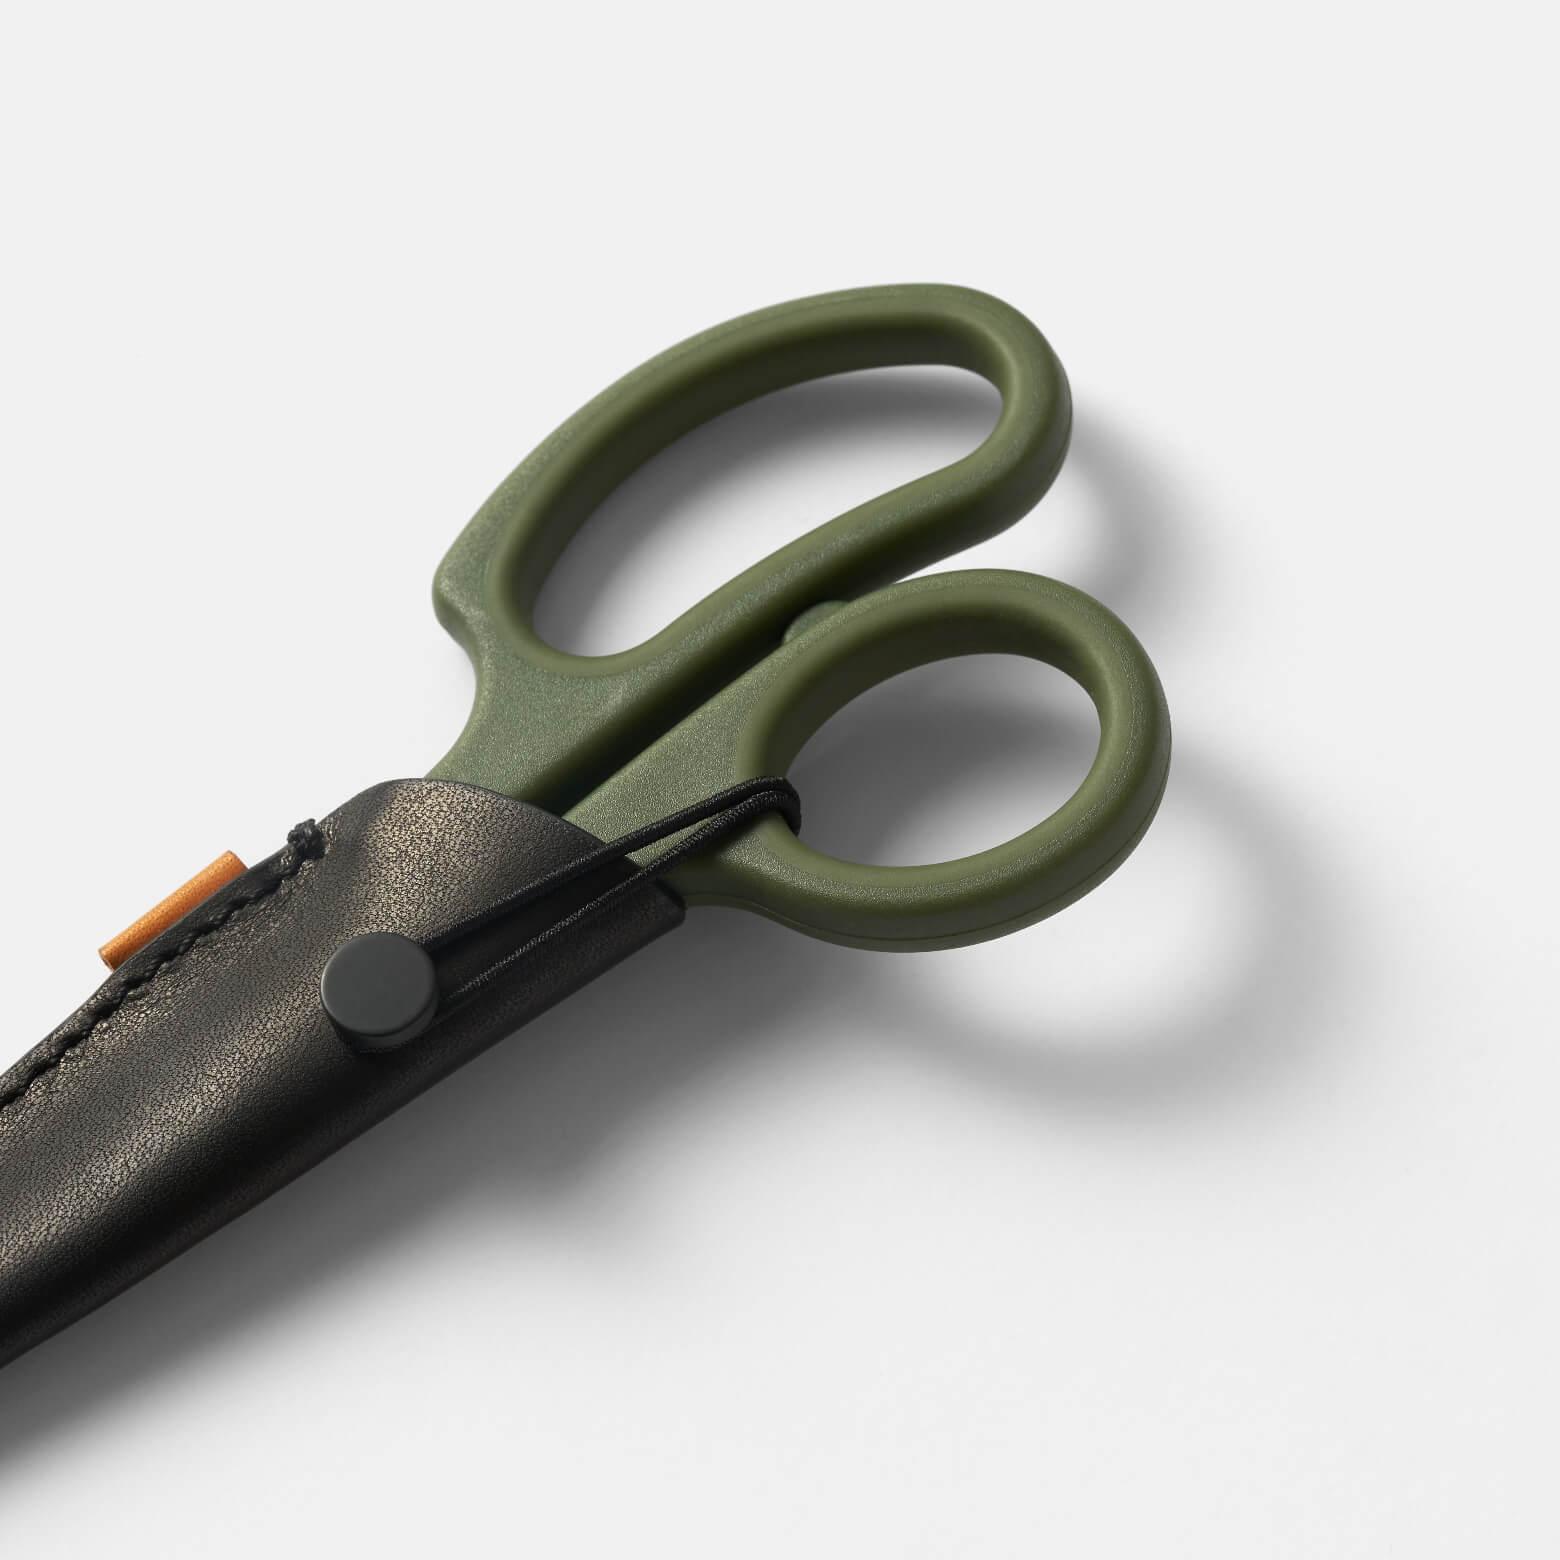 Exacto Scissors — портативные ножницы в чехле: зелёный